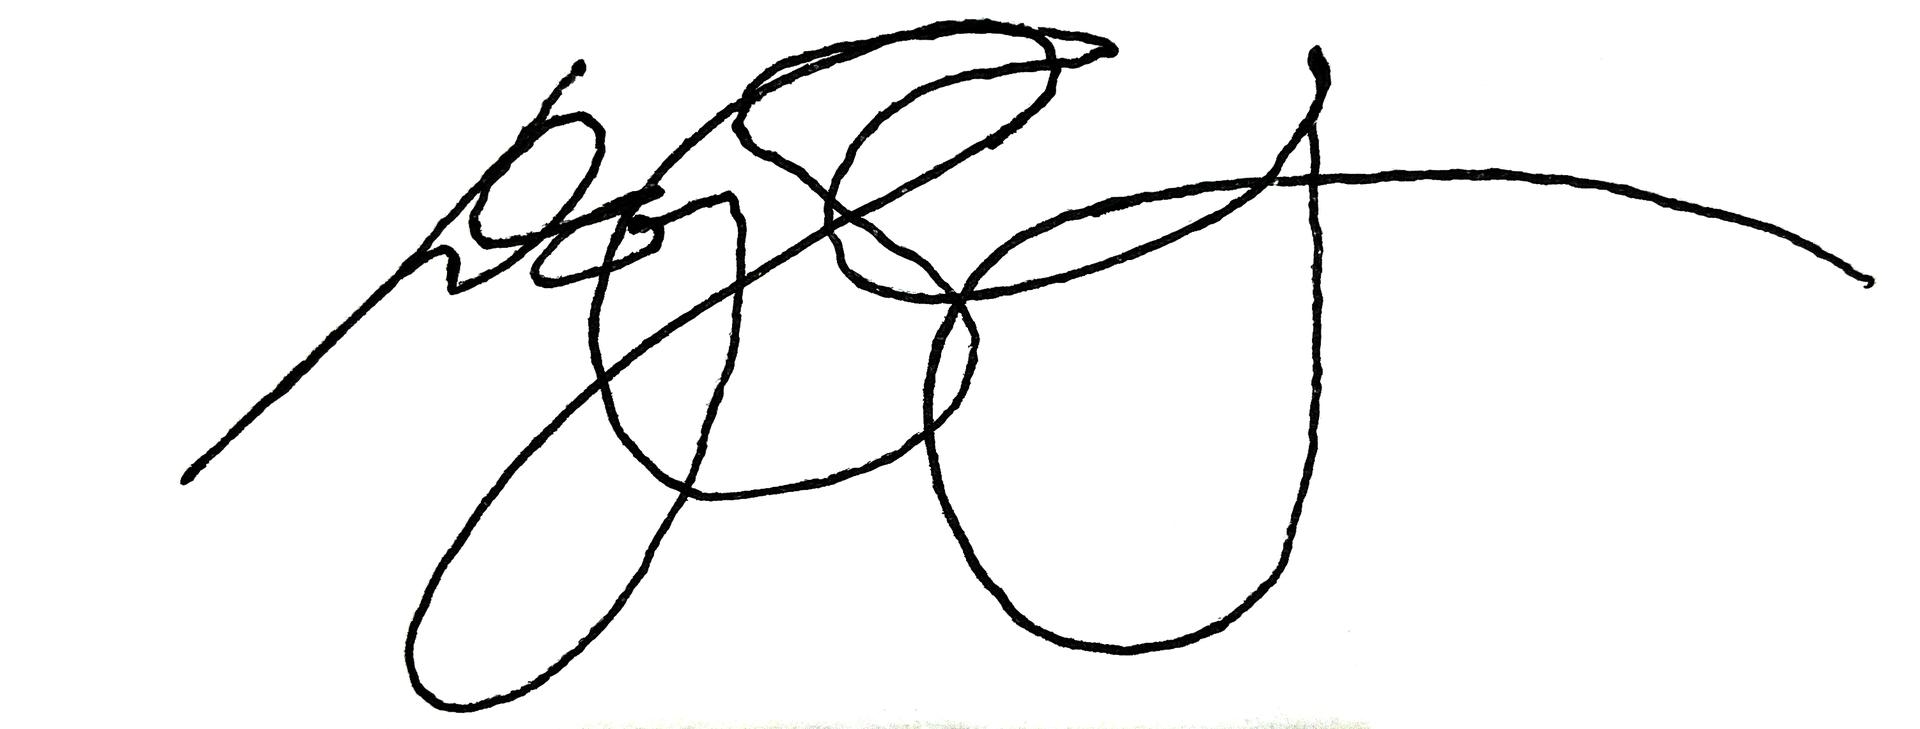 Comeau signature